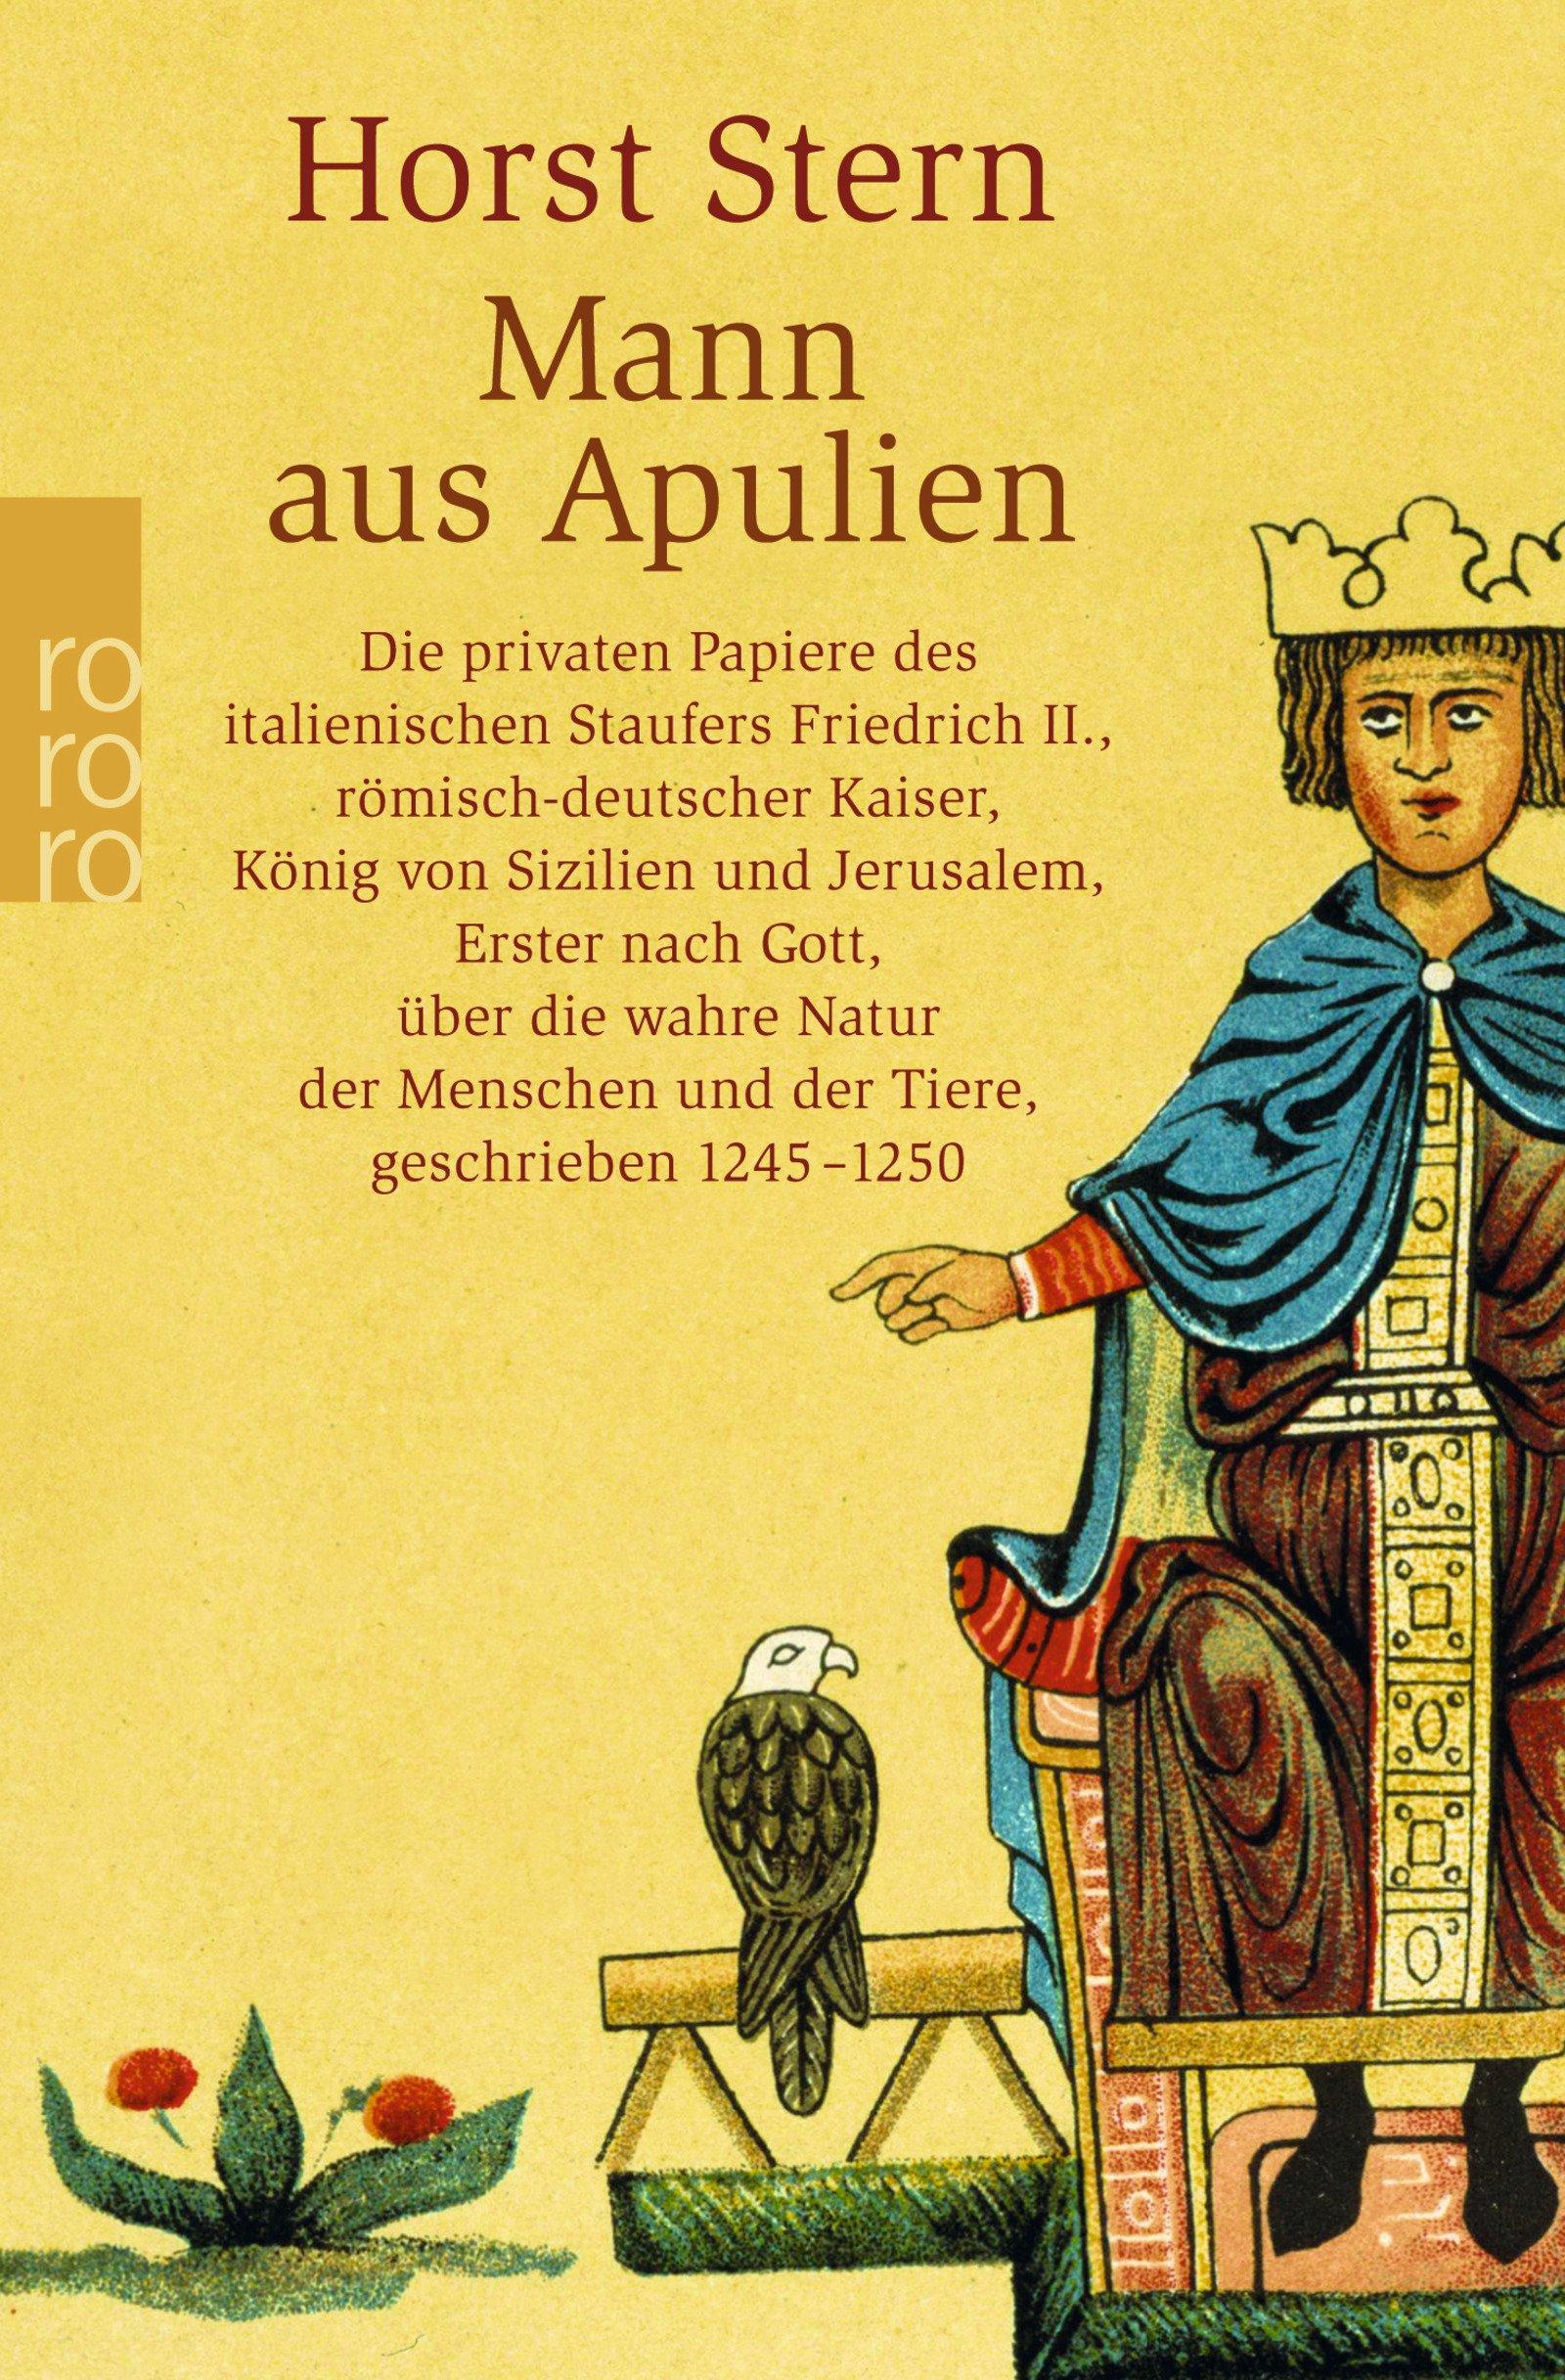 Mann aus Apulien: Die privaten Papiere des italienischen Staufers Friedrich II., römisch-deutscher Kaiser, König von Sizilien und Jerusalem, Erster ... und der Tiere, geschrieben 1245 - 1250